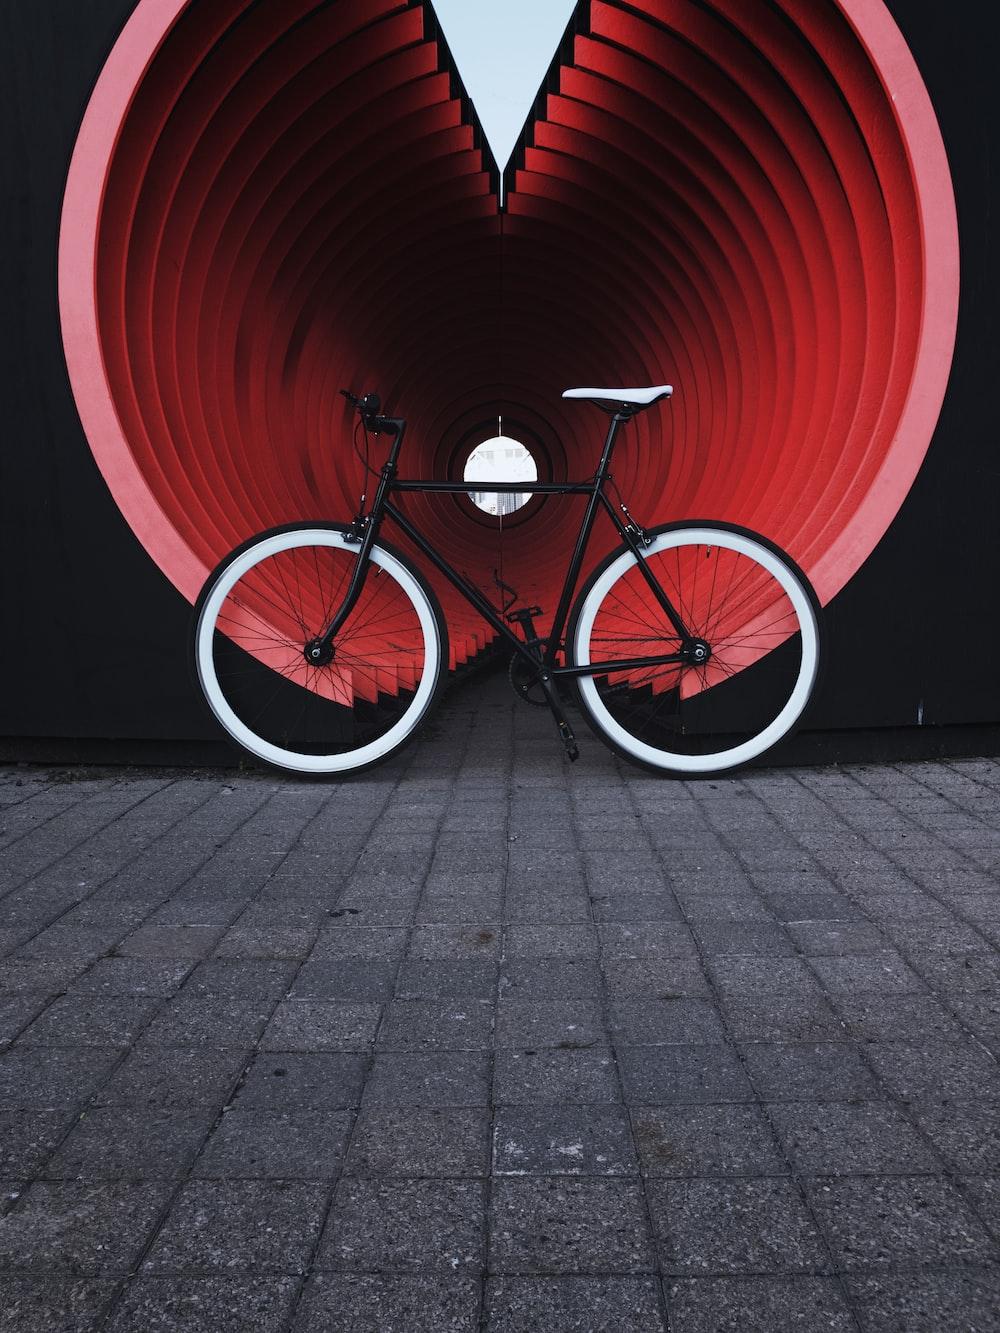 red and black road bike